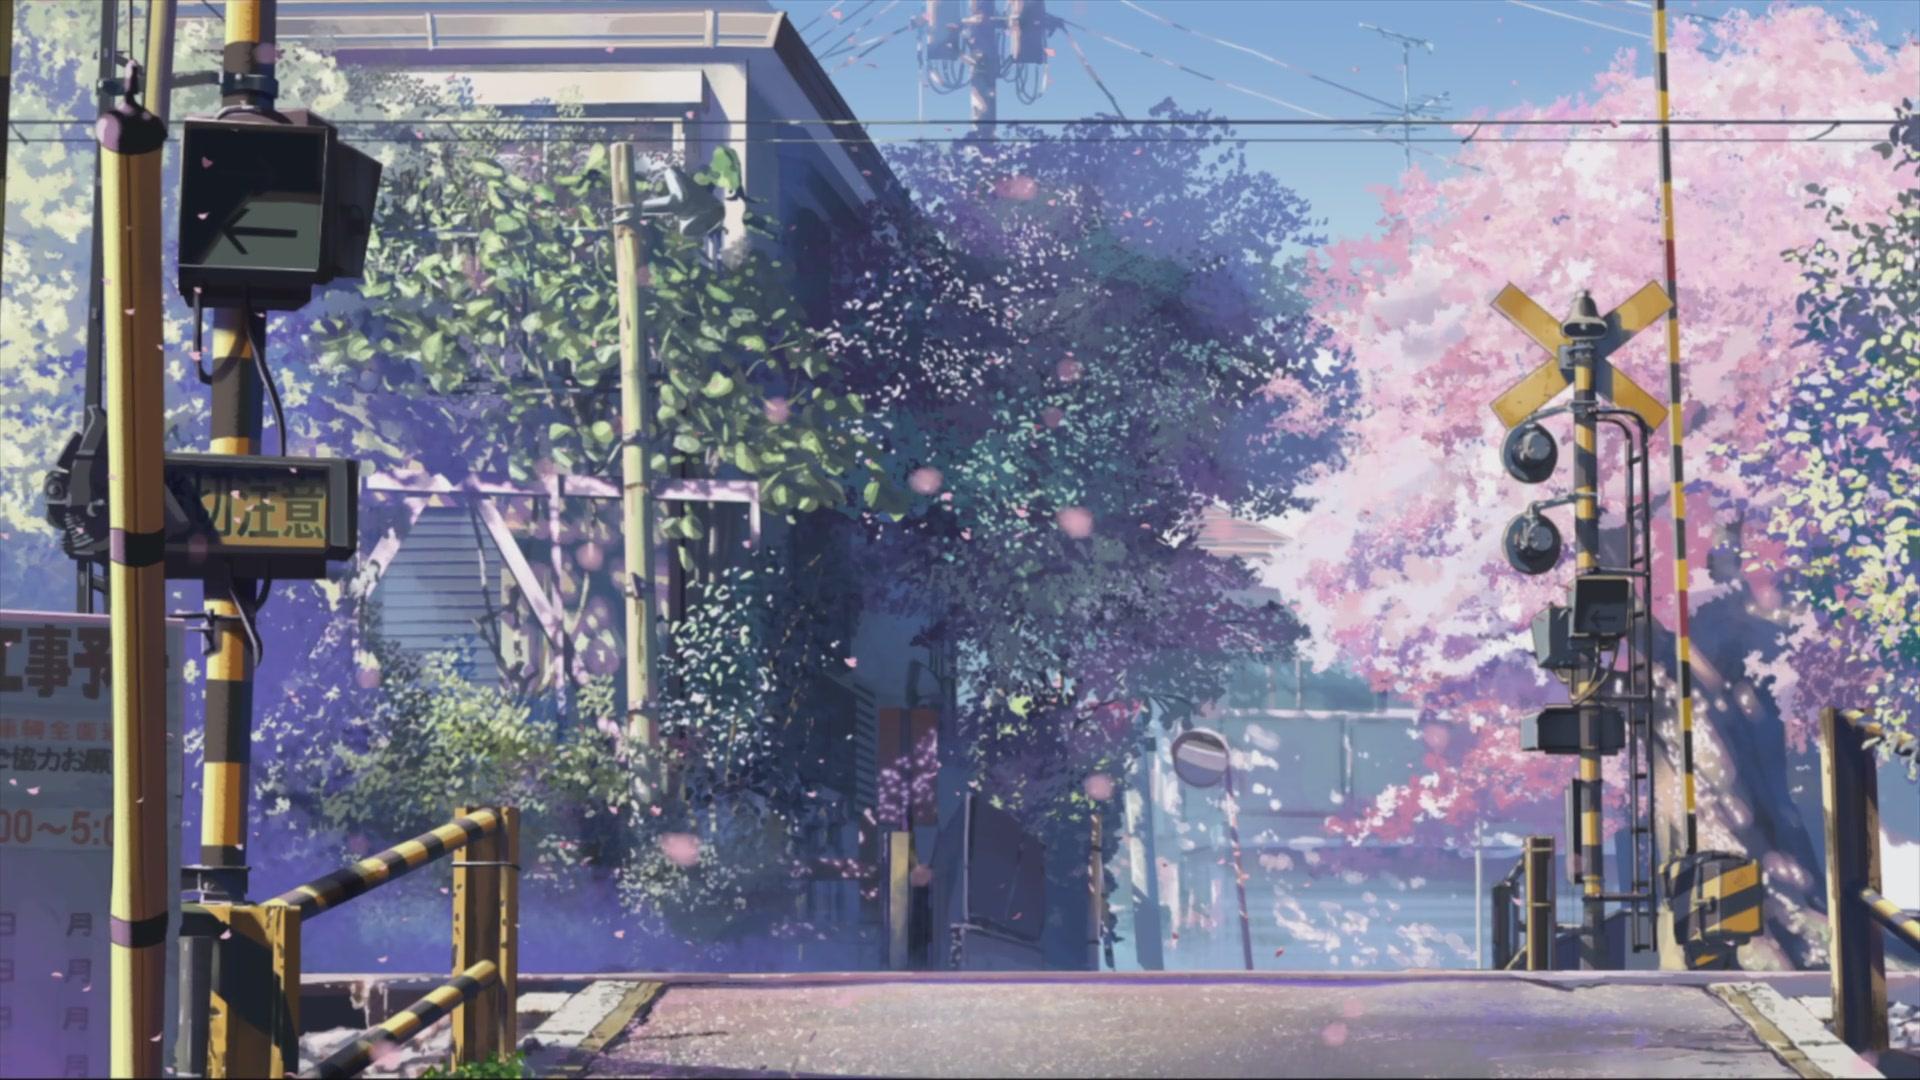 多鱼网电影樱花劫 樱花劫在线看